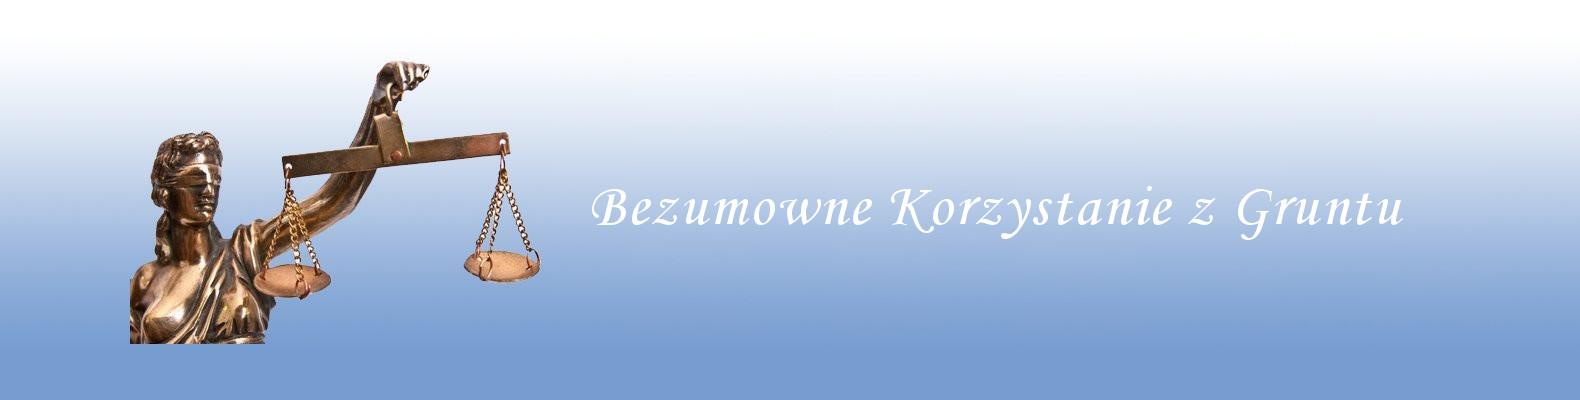 f_Bezumowne-Korzystanie-z-Gruntu